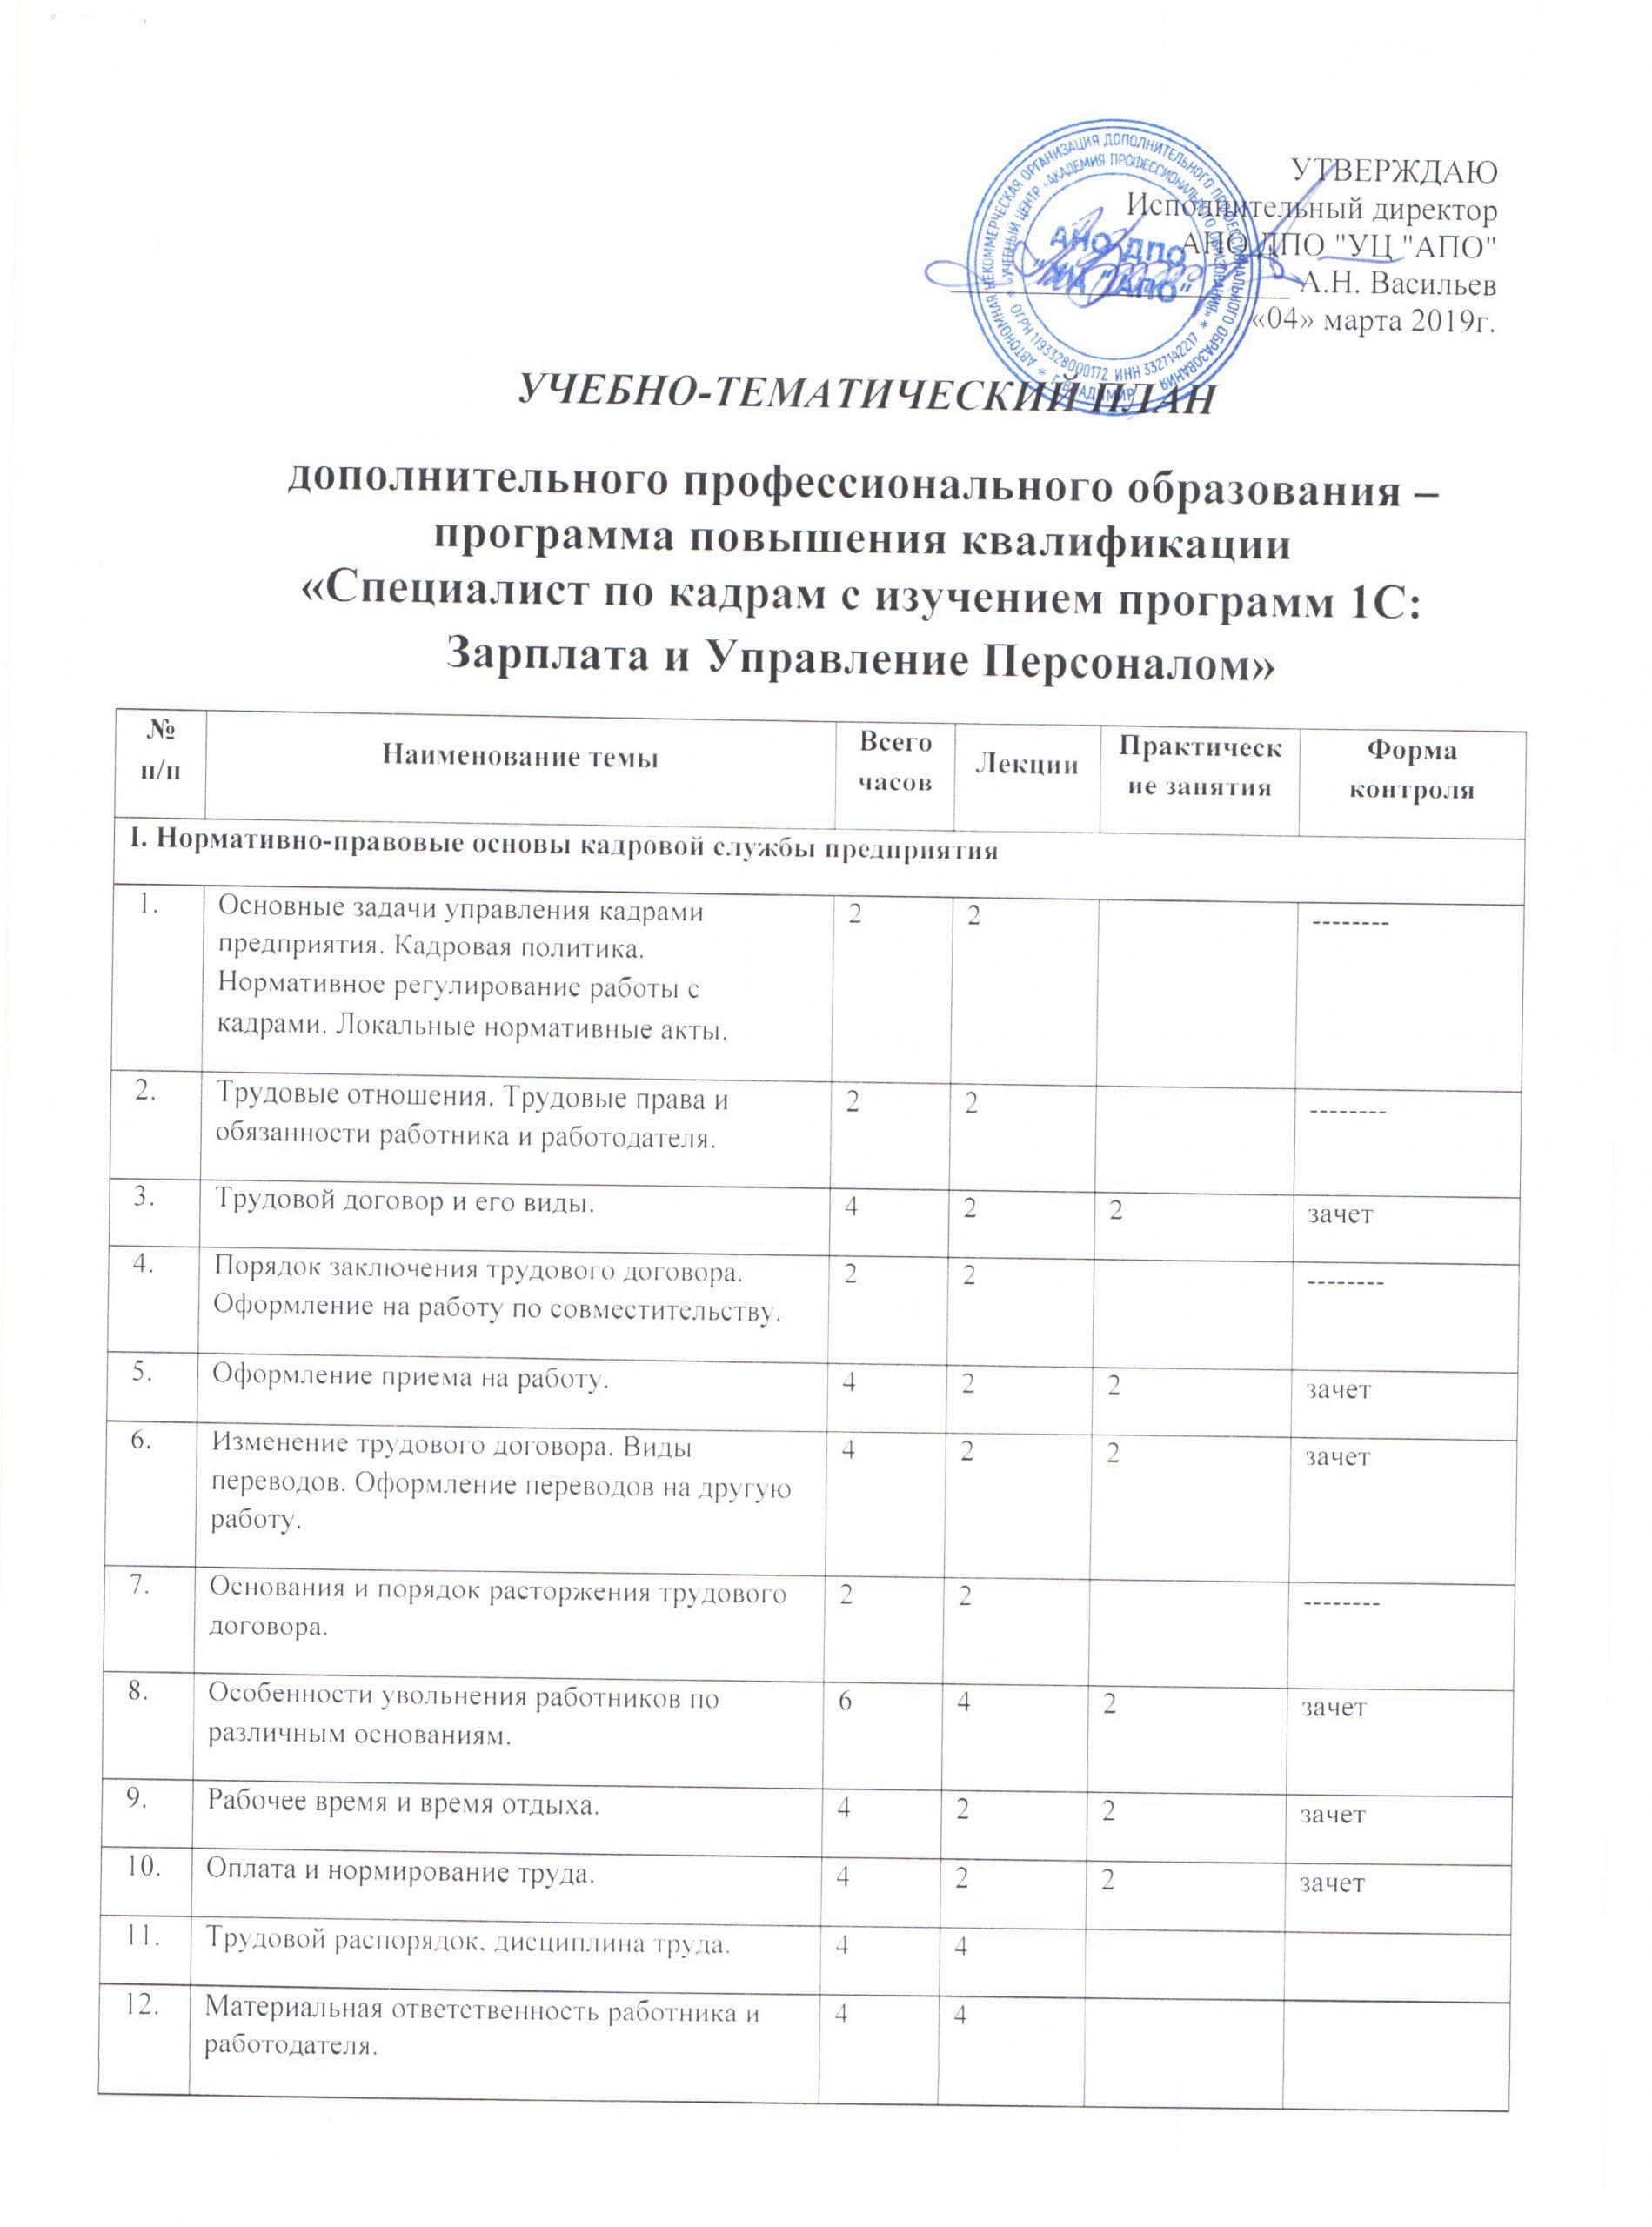 Специалист по кадрам с изучением программы «1С: Зарплата и Управление Персоналом 8»